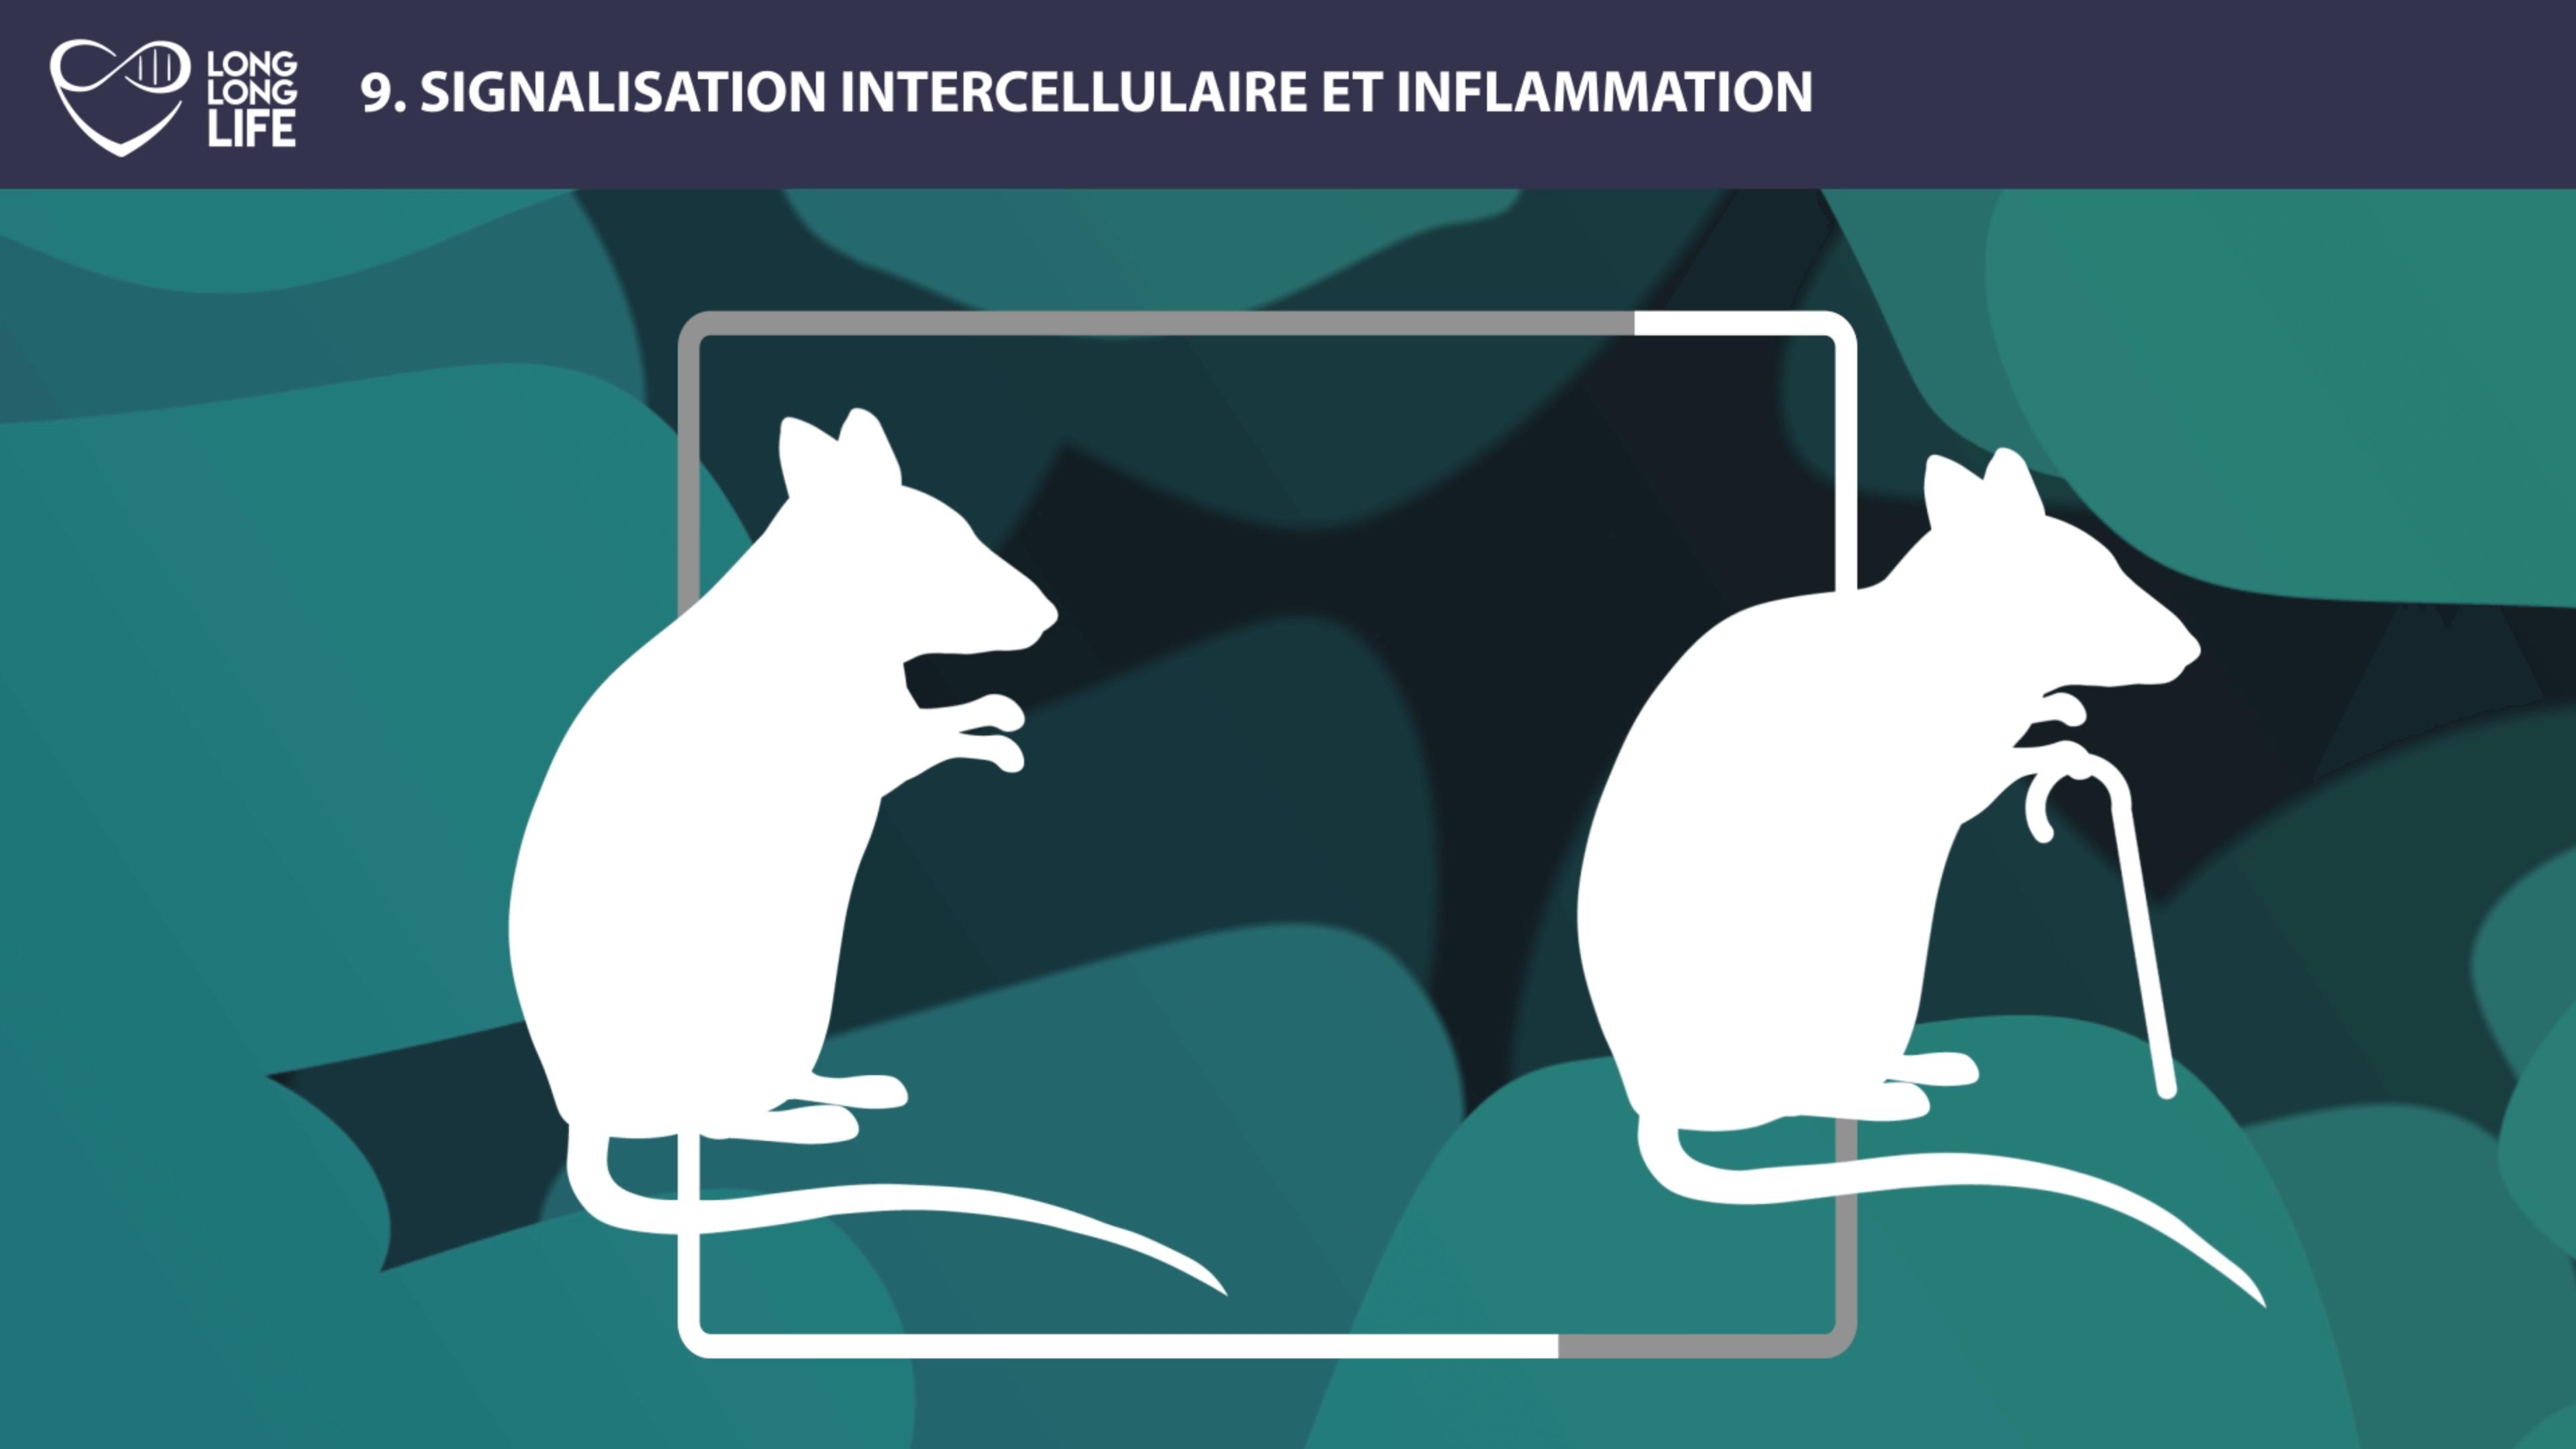 Inflammation Long Long Life longévité vieillissement transhumisme parabiose